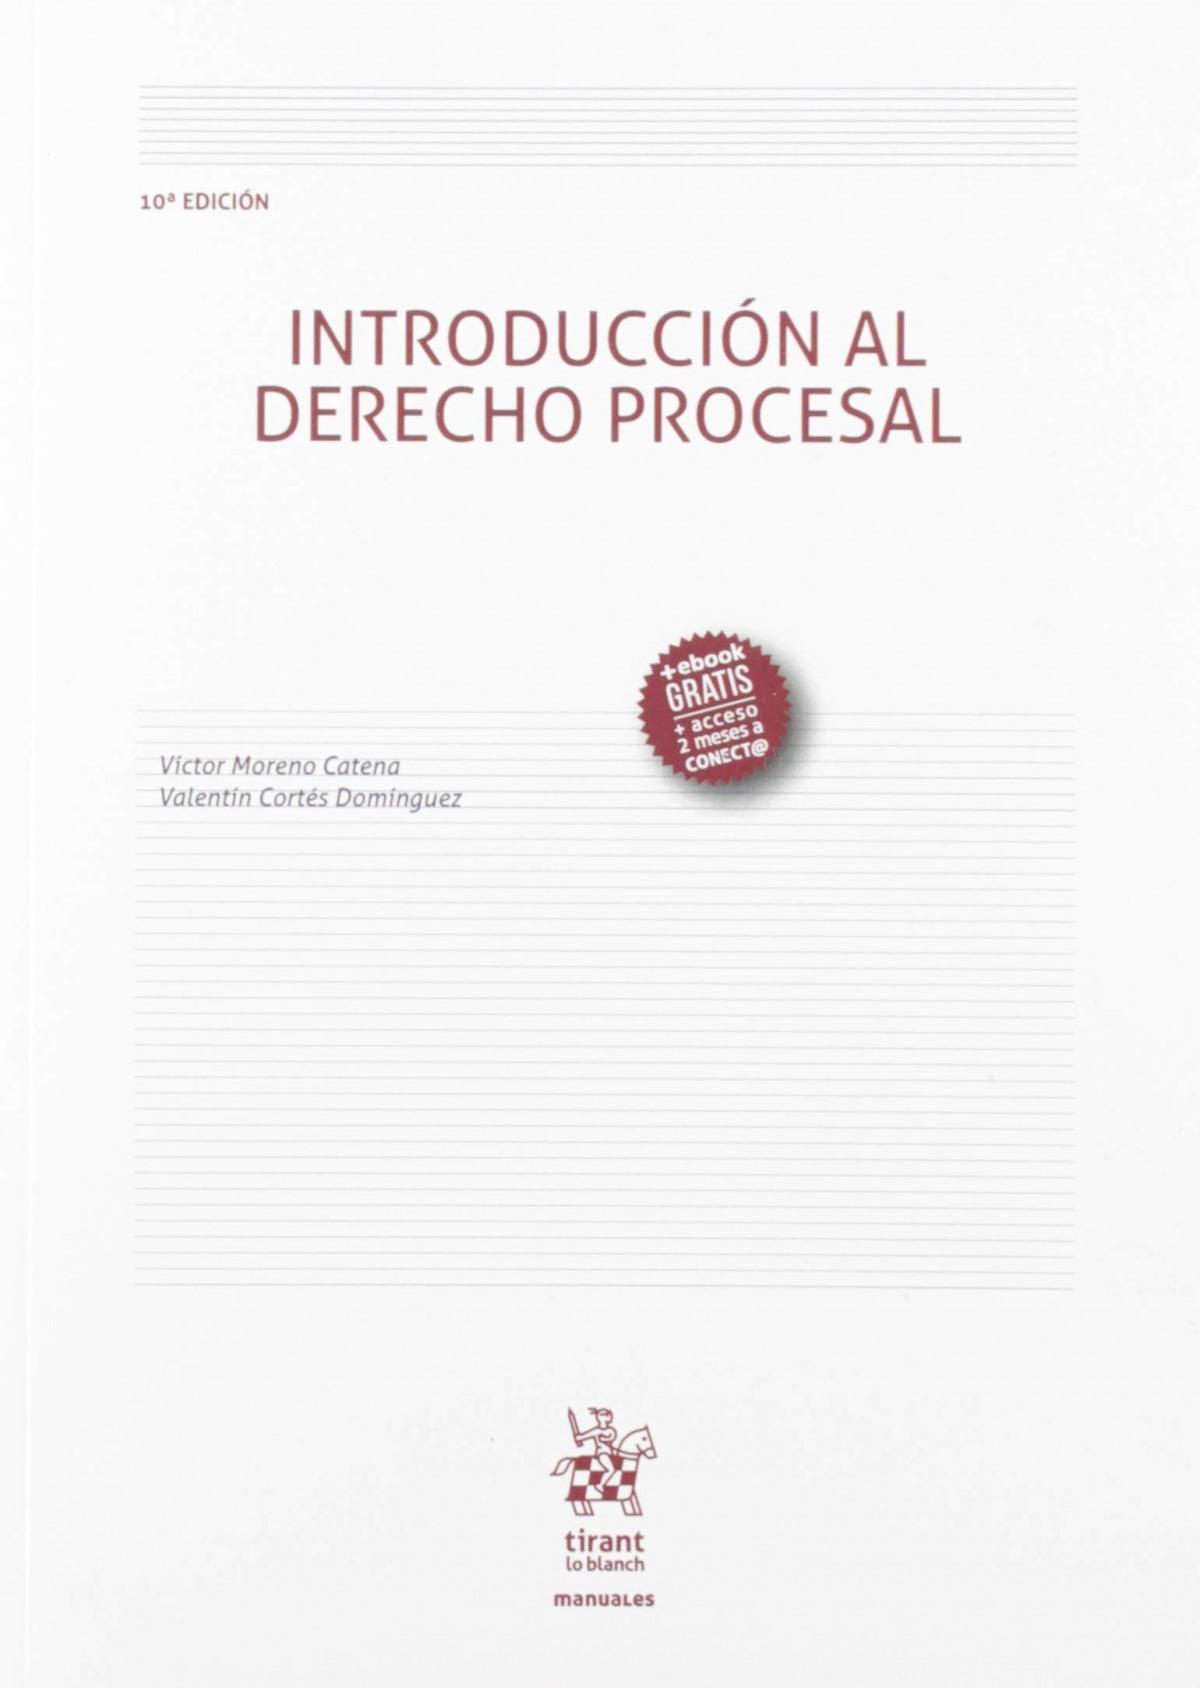 Introducción al derecho procesal, 10 edición